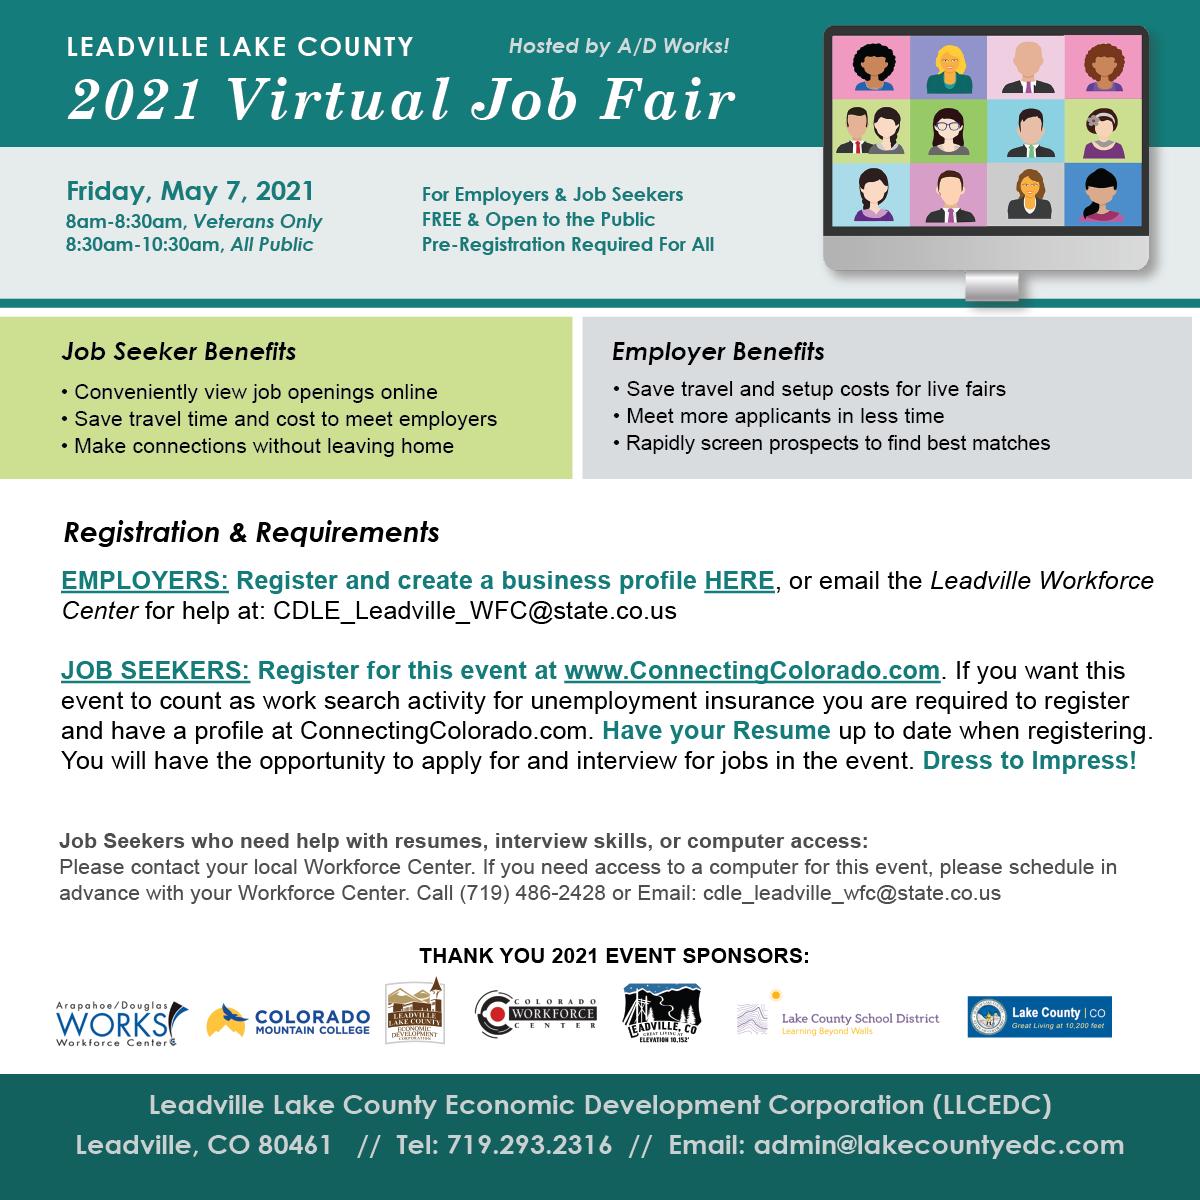 Virtual-JobFair-1200x1200-graphic.png